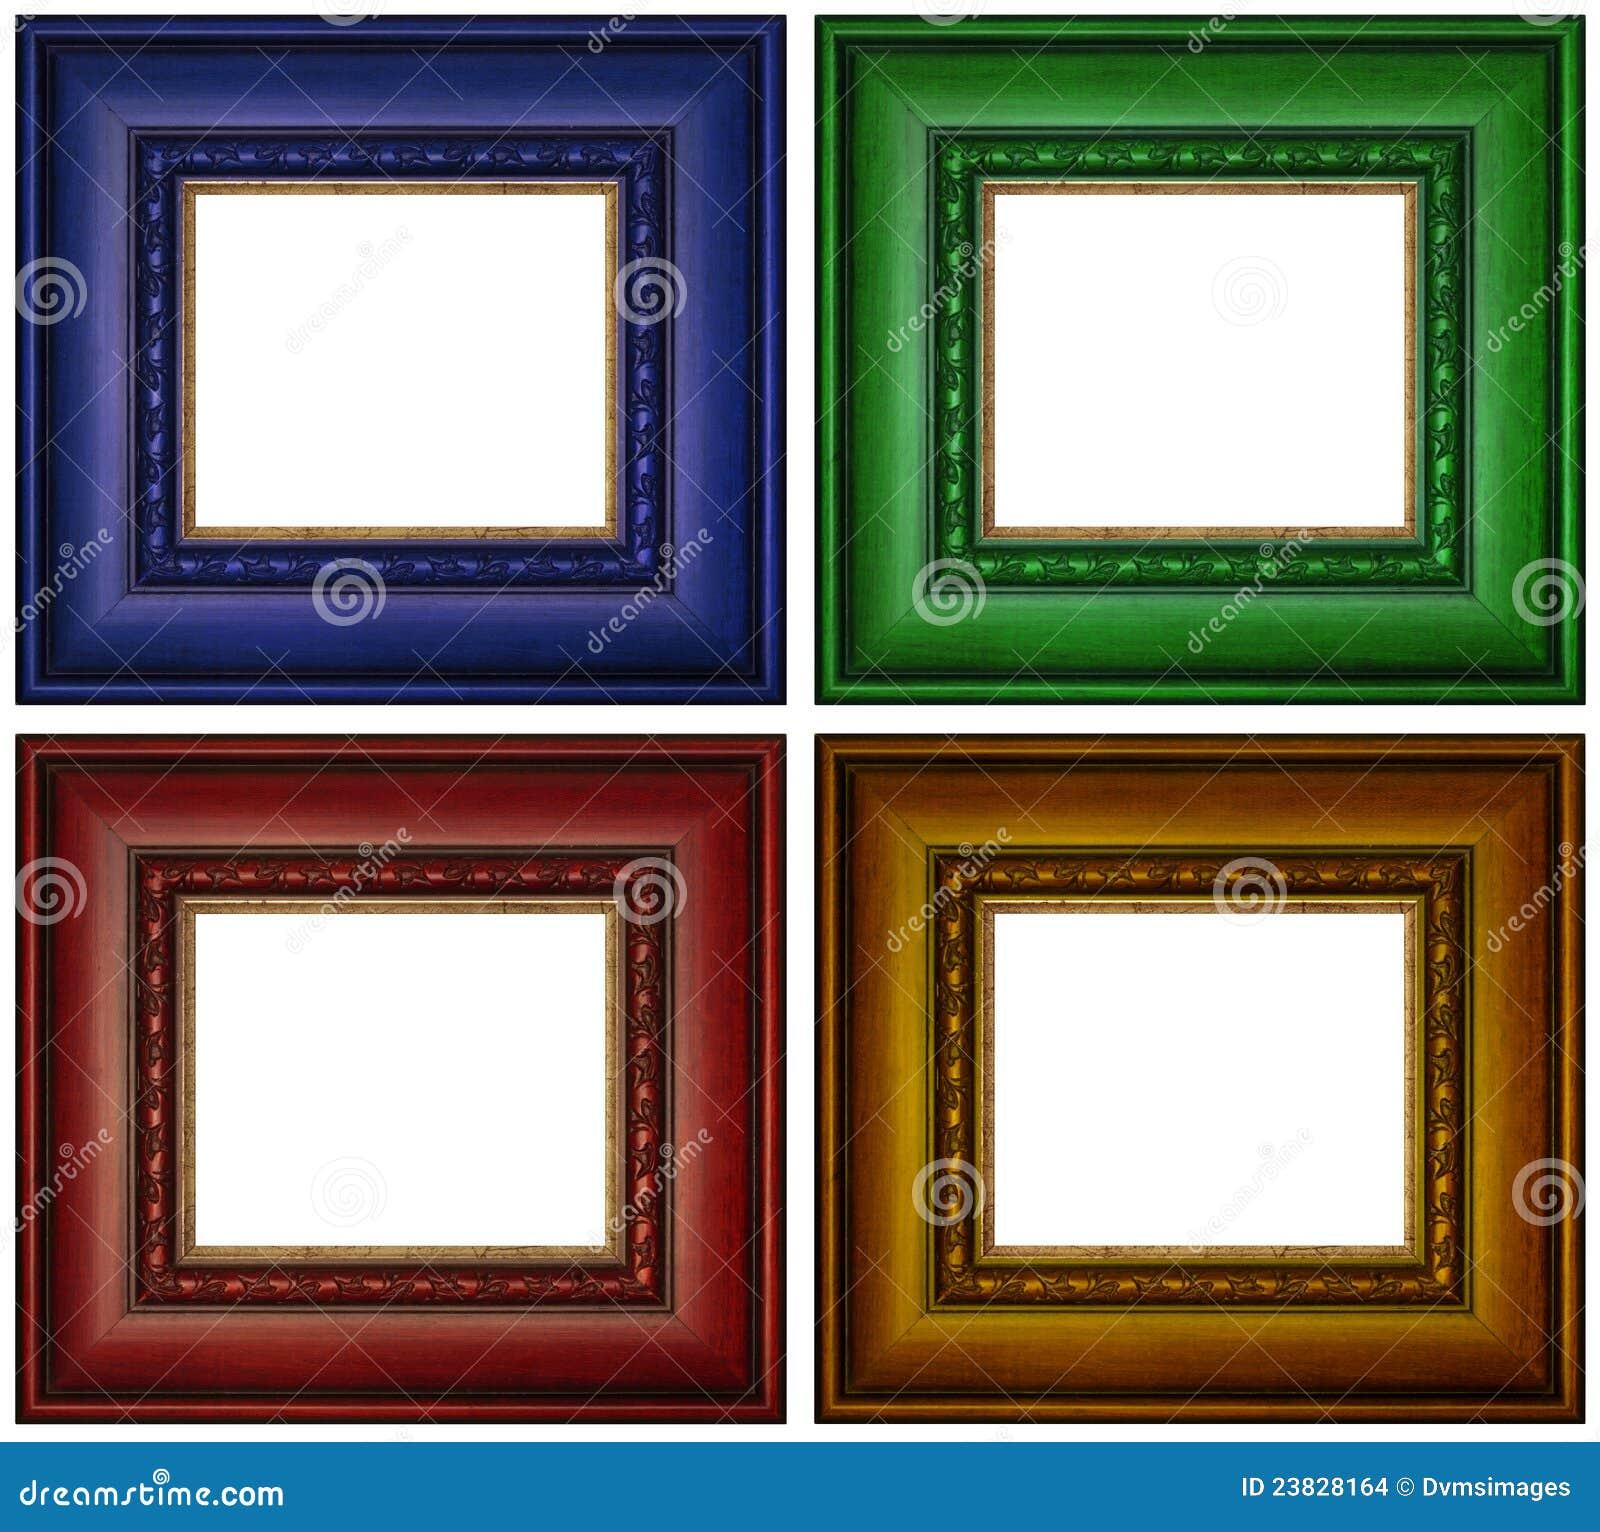 Bunte Bilderrahmen stockfoto. Bild von aufwendig, viereck - 23828164